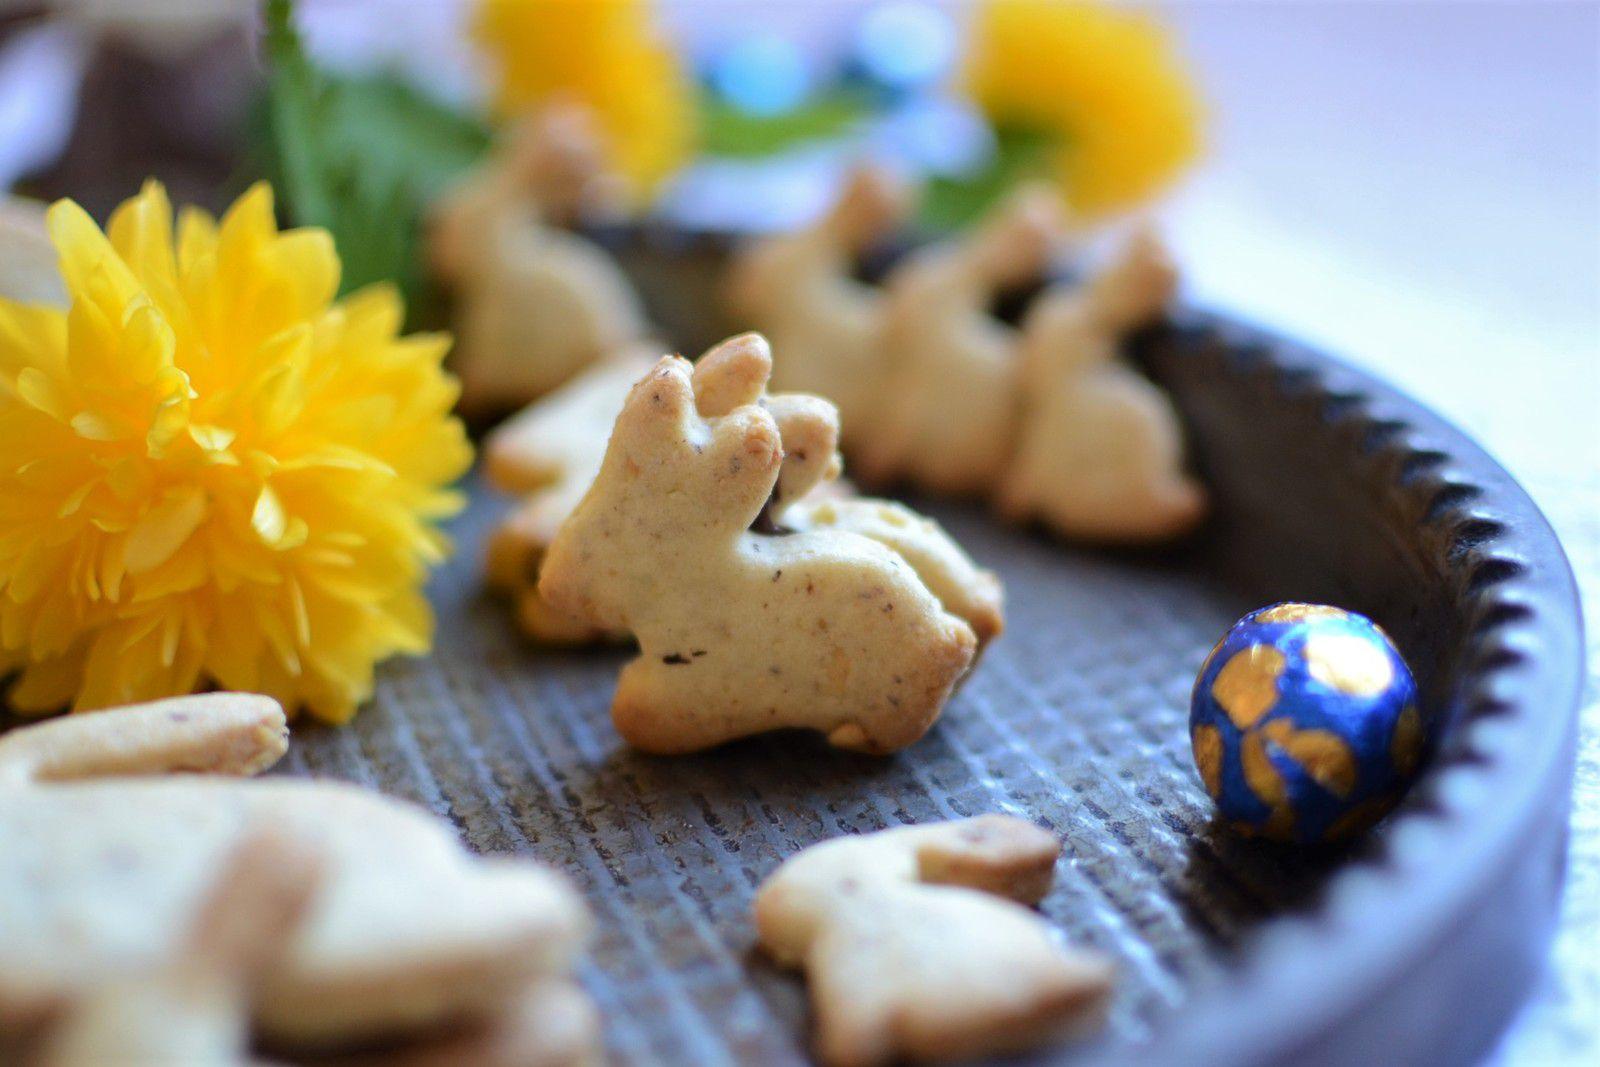 Biscuits de Pâques - Ronde des petits lapins